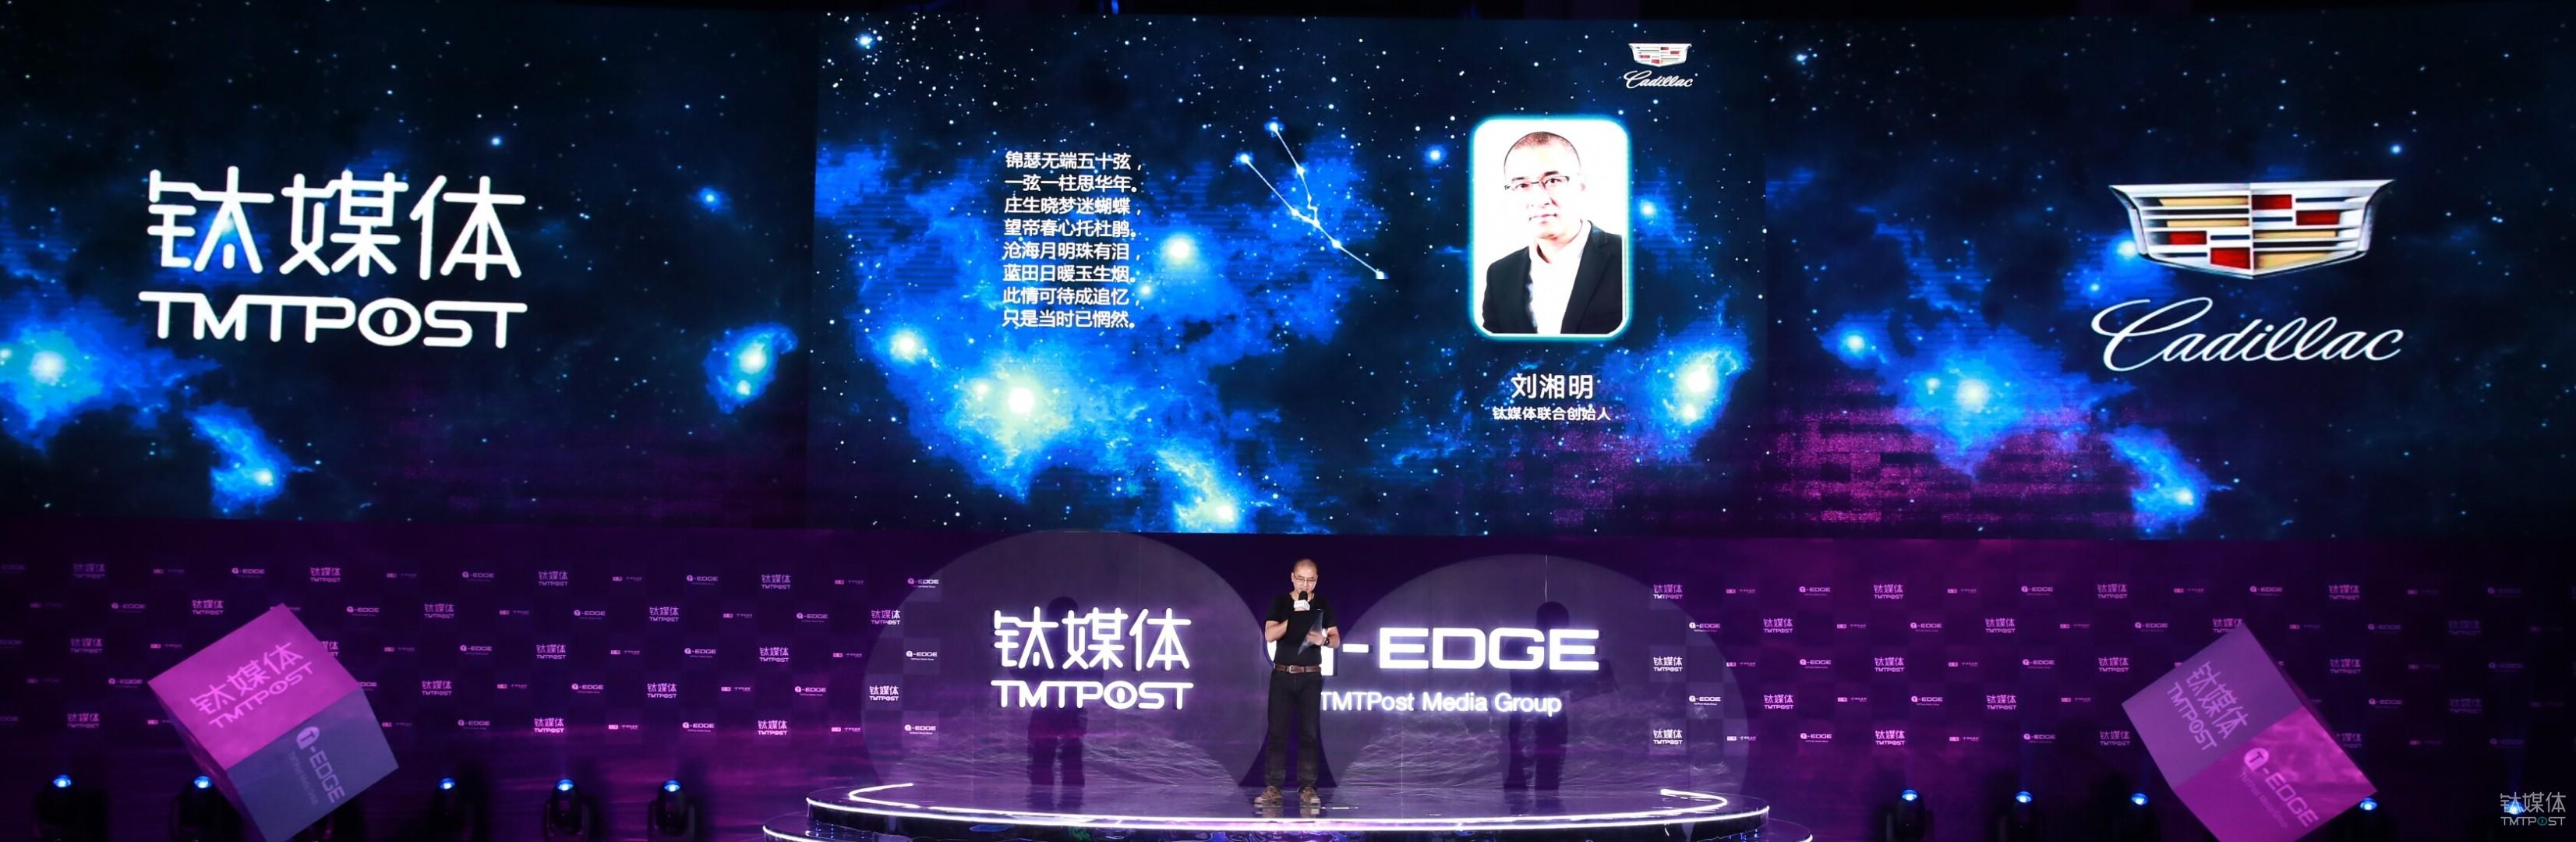 太空诗人:钛媒体联合创始人刘湘明